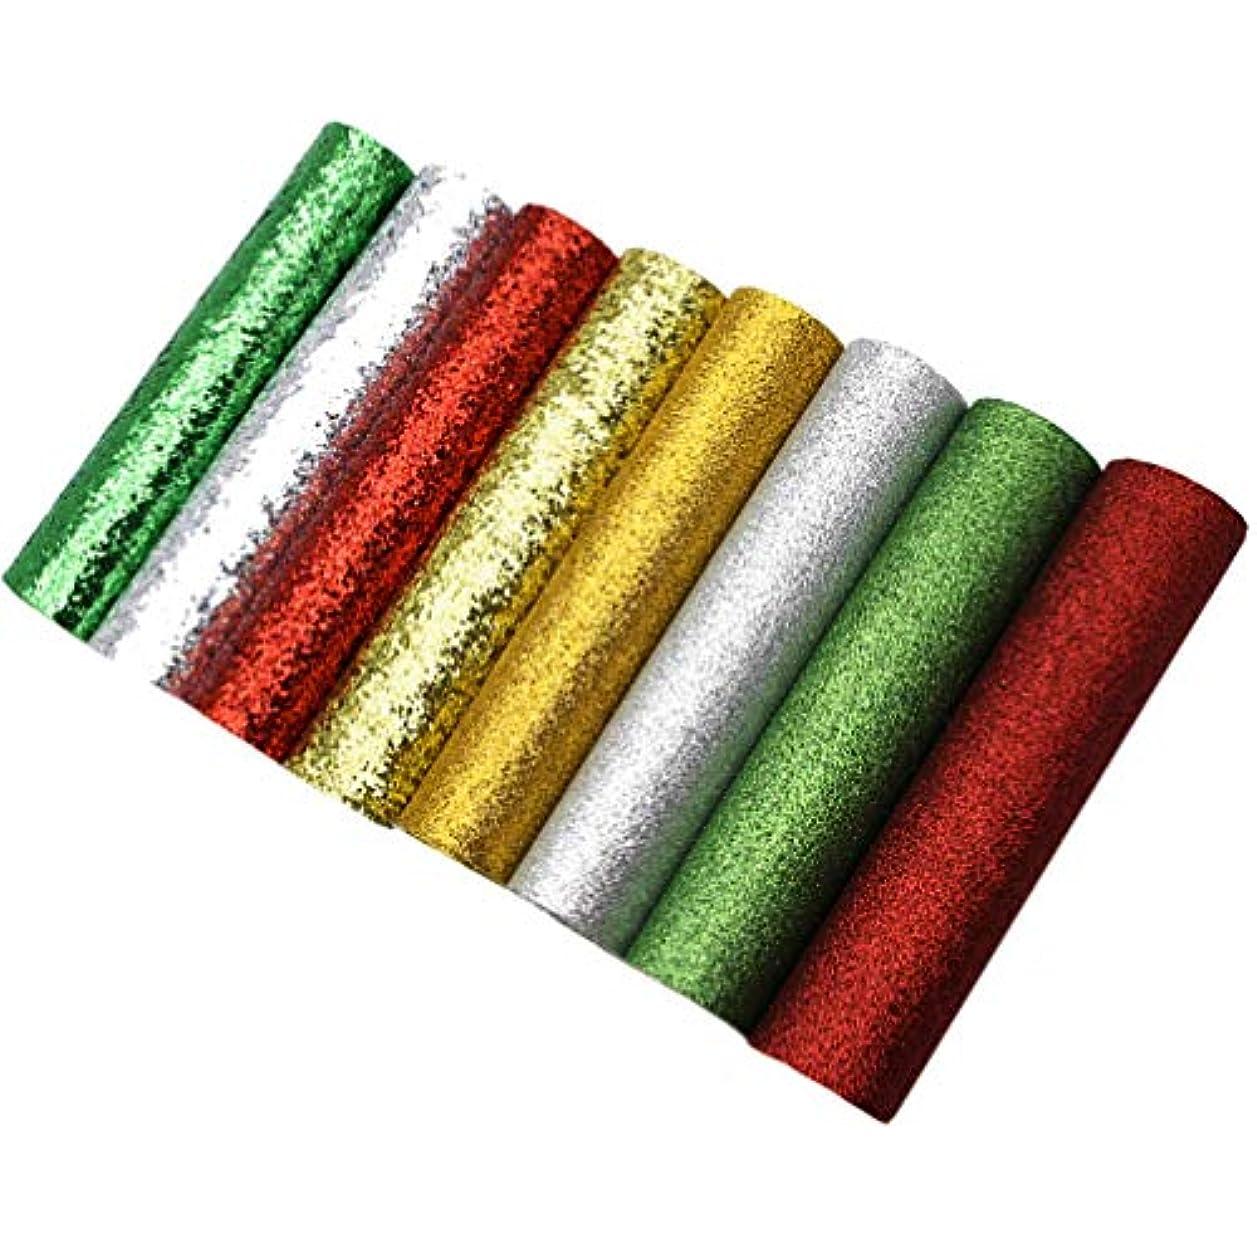 キャベツボルト前述のrosenice 8本キラキラクリスマスフェイクレザーシート20x34cmメリークリスマスdiy合成皮革生地クリスマスクラフトジュエリー作りアクセサリー